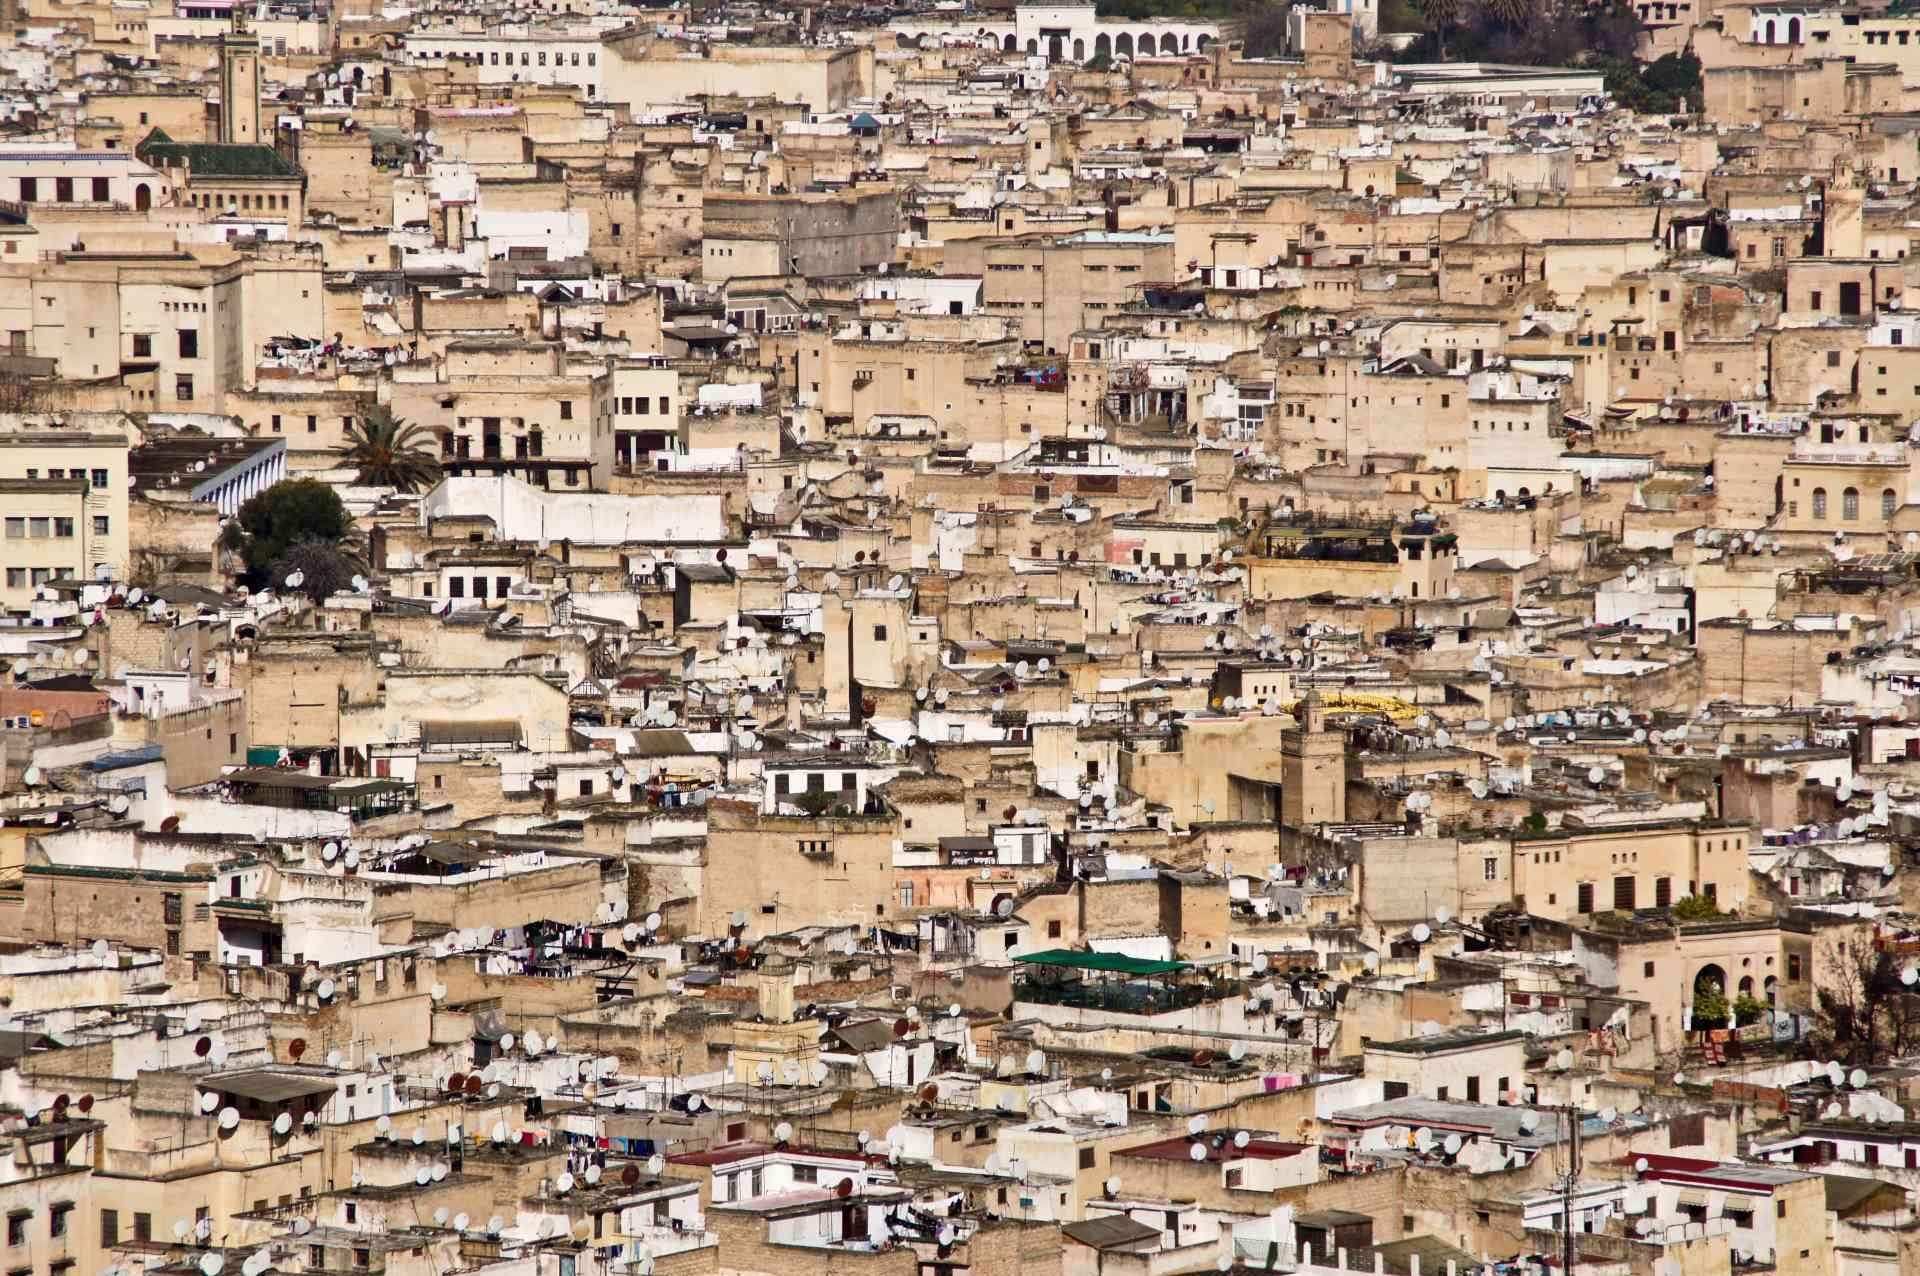 Fez, Morocco by Priscilla Aster